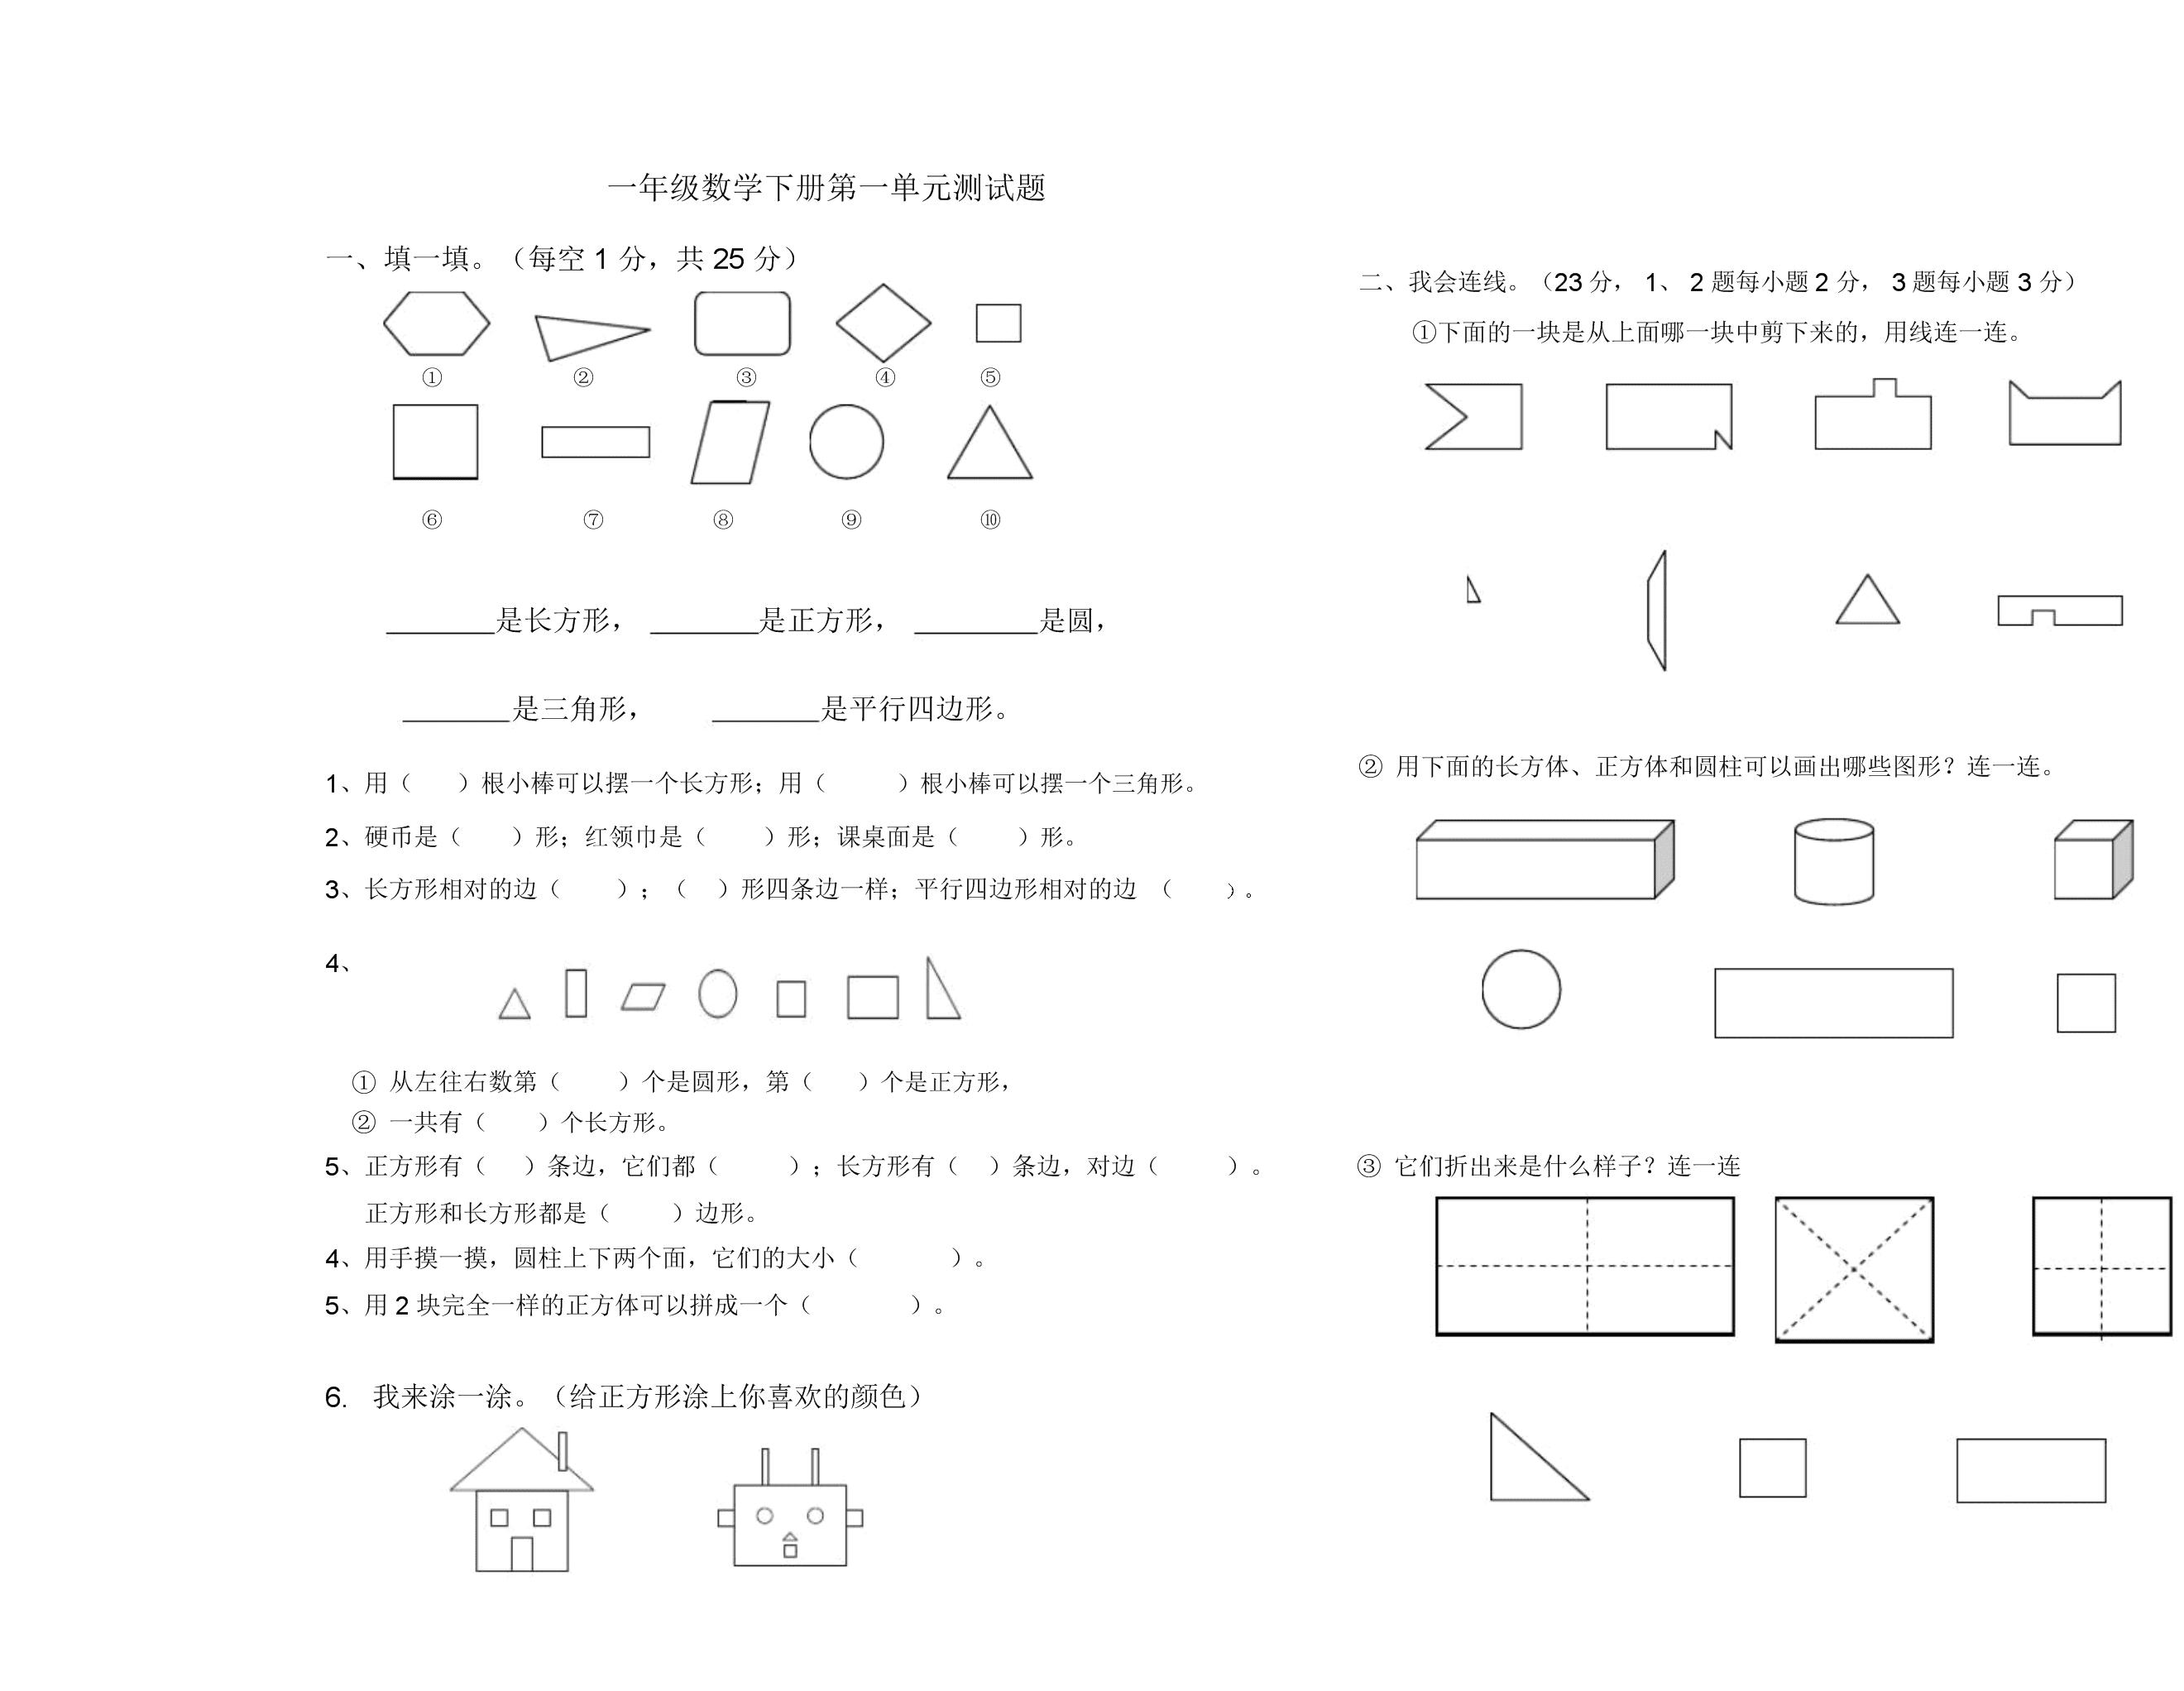 新人教版一年级下册第一单元《认识图形二》练习题.docx